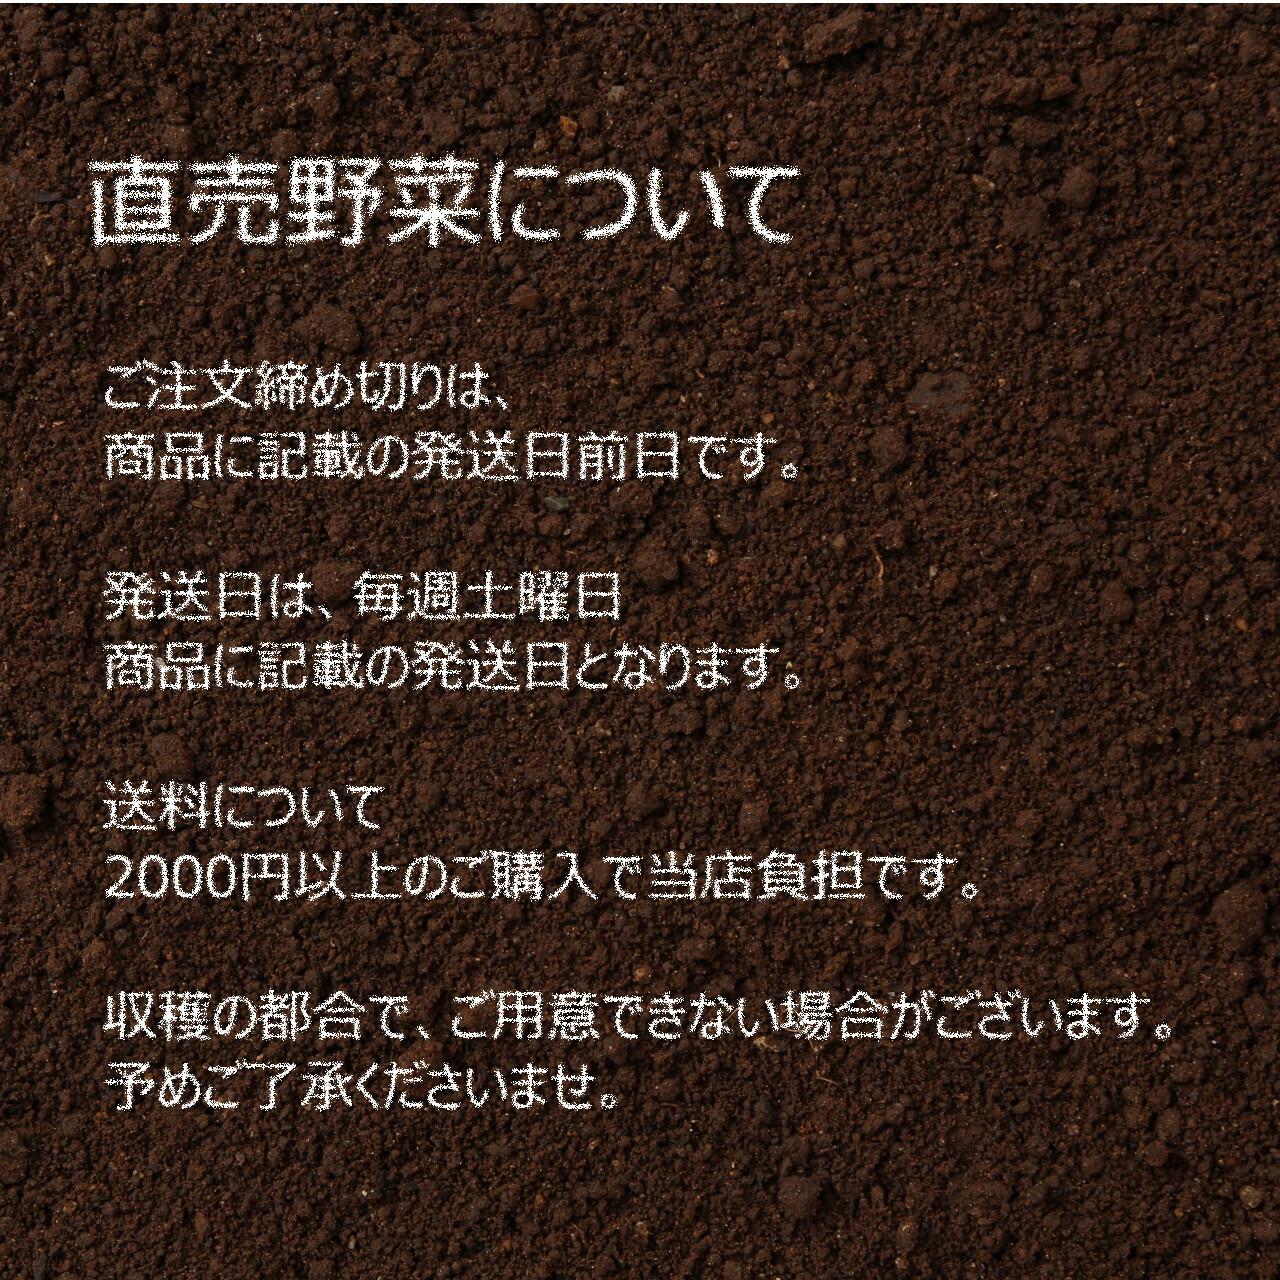 7月の新鮮野菜 : インゲン 約150g 朝採り直売野菜  7月4日発送予定